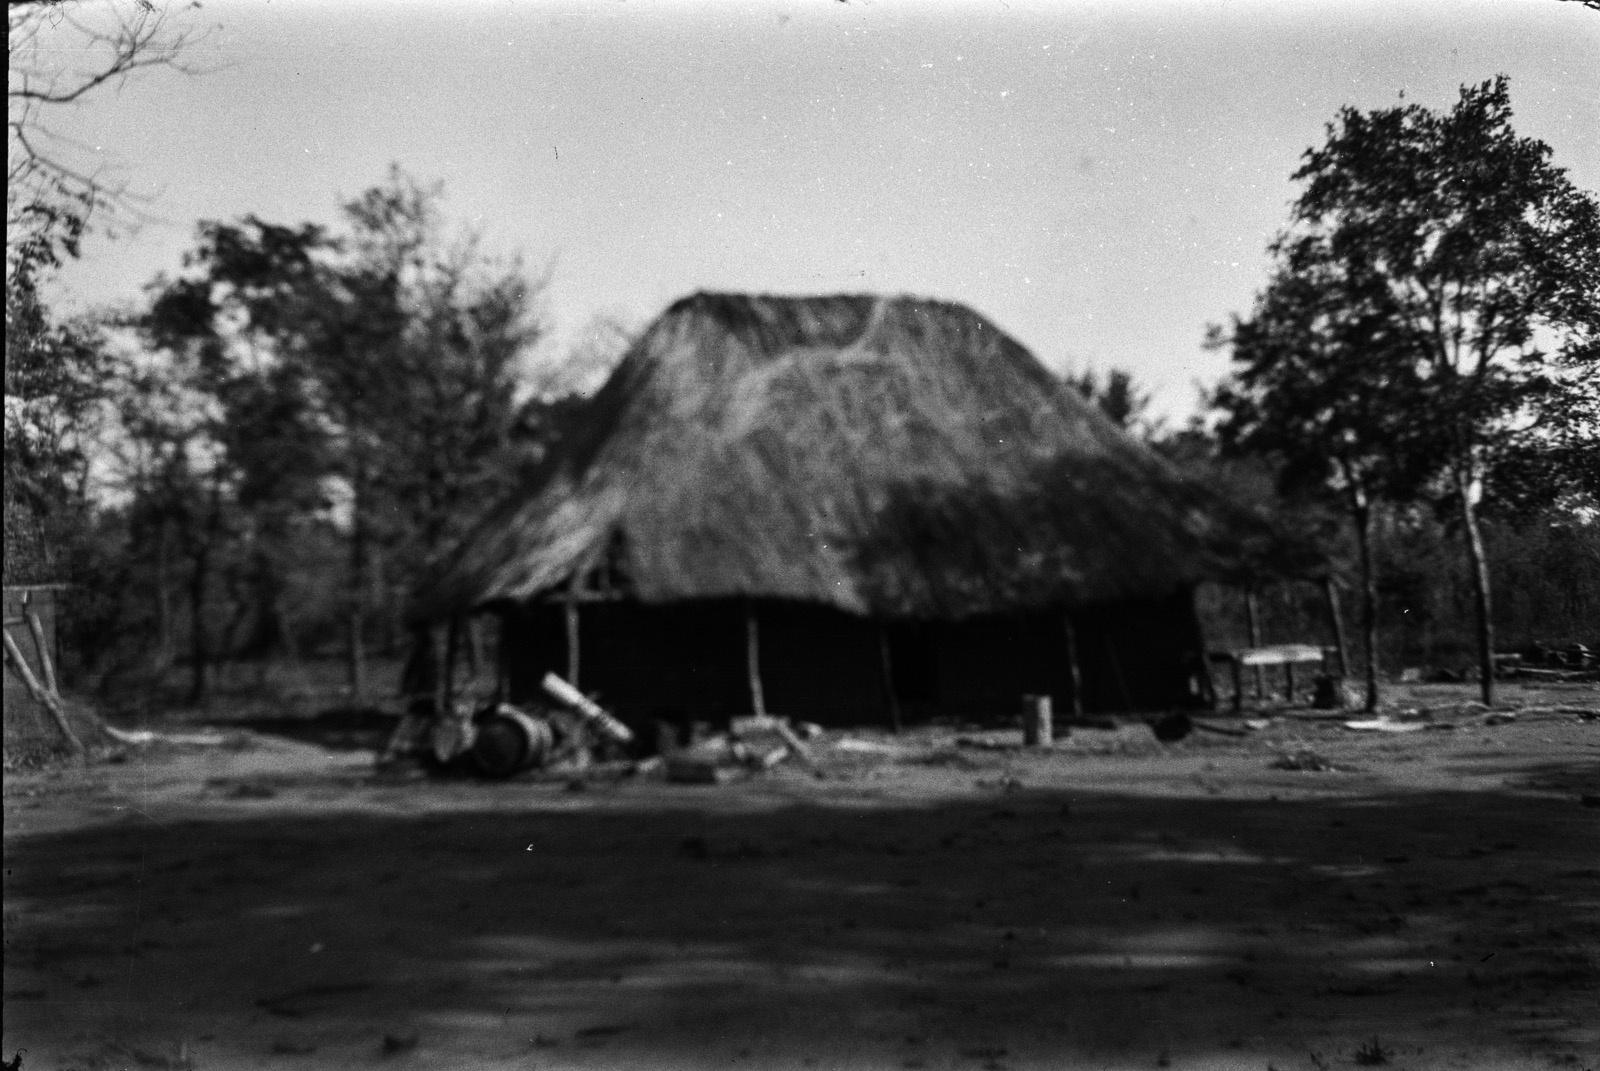 Между Капири Мпоши и рекой Лунсемфва. Заброшенный дом на медном месторождении вблизи реки Лунзенфва